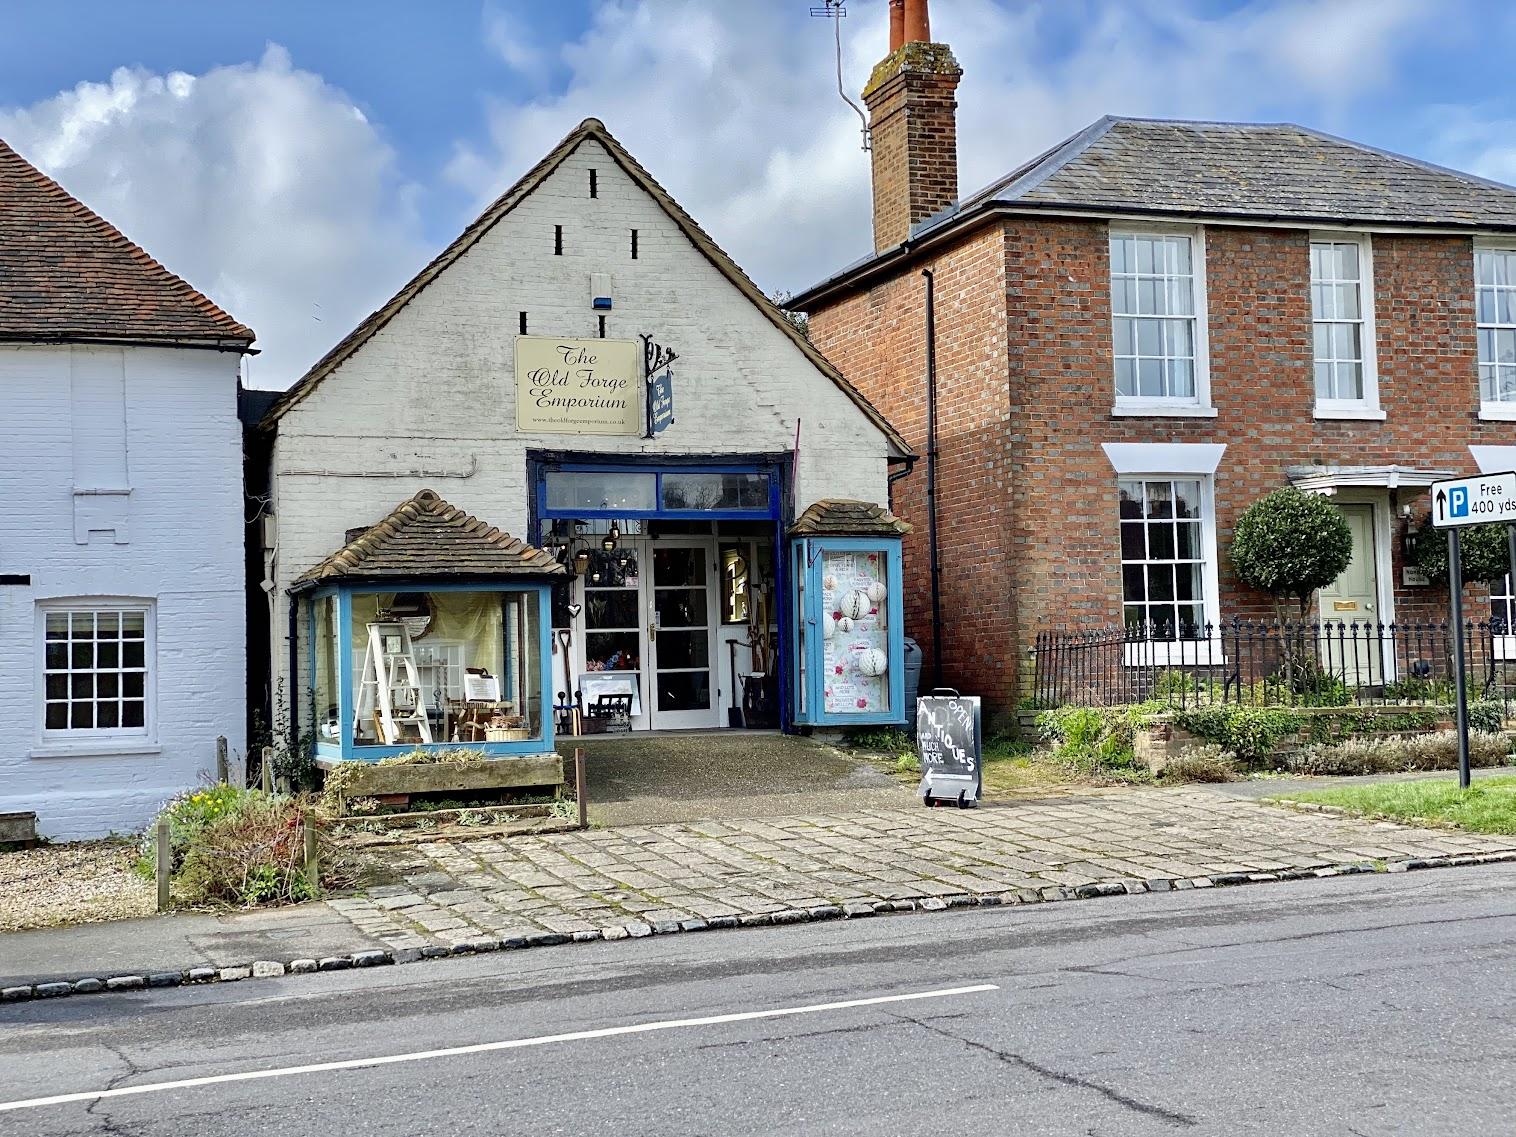 Appledore Village in Kent